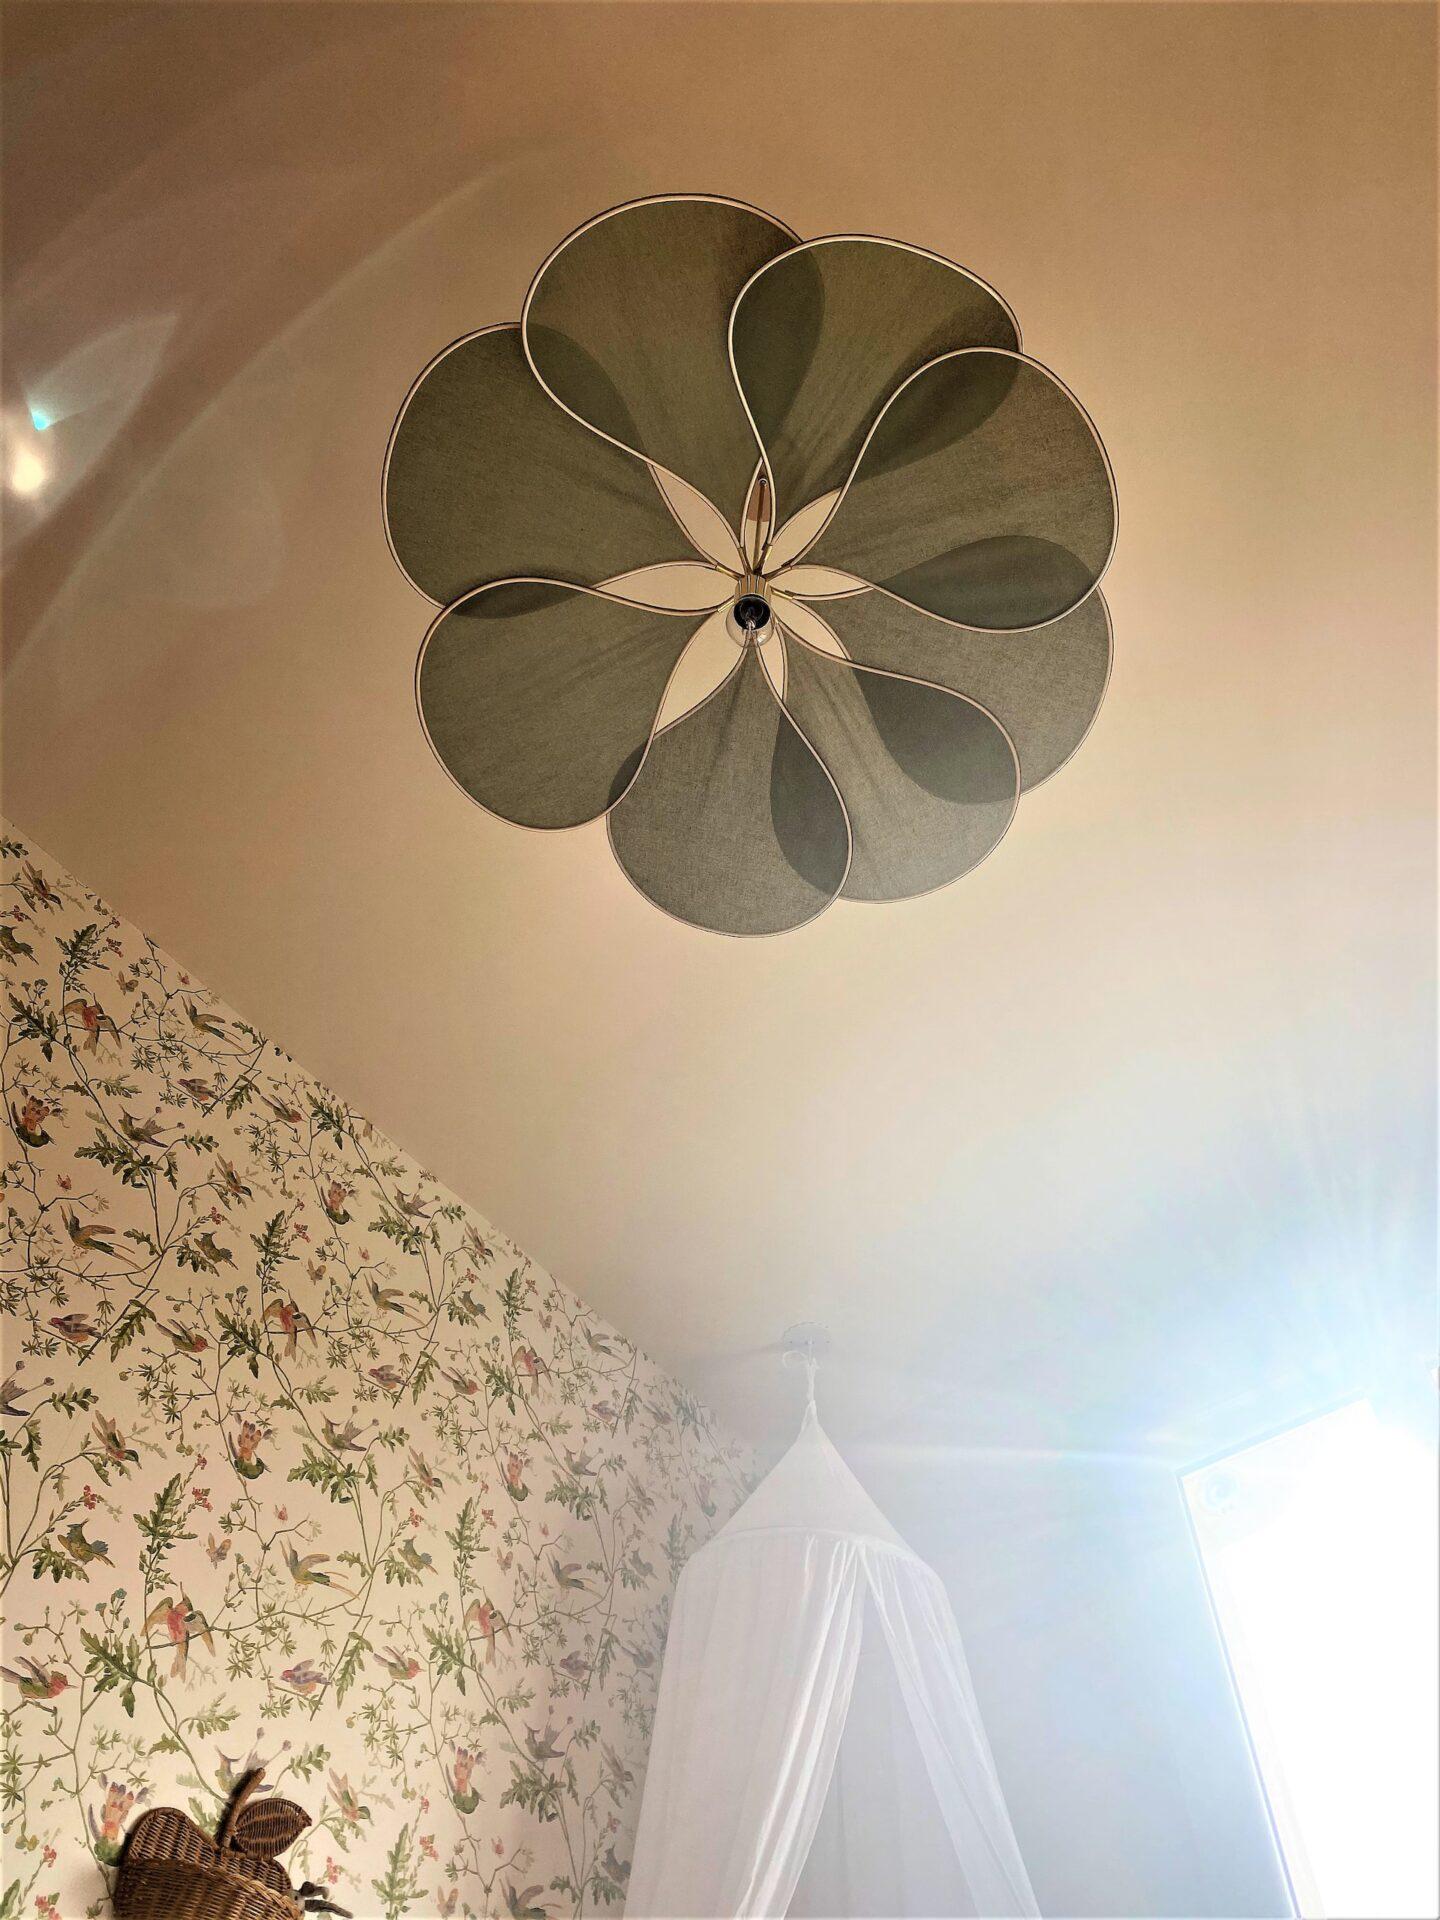 Décoration et agencement Villa à Saint Maximin la Sainte baume- La chambre fille avec suspension pâle georges, par Myll décors , Agence de décoration à Aix en provence et dans le Var